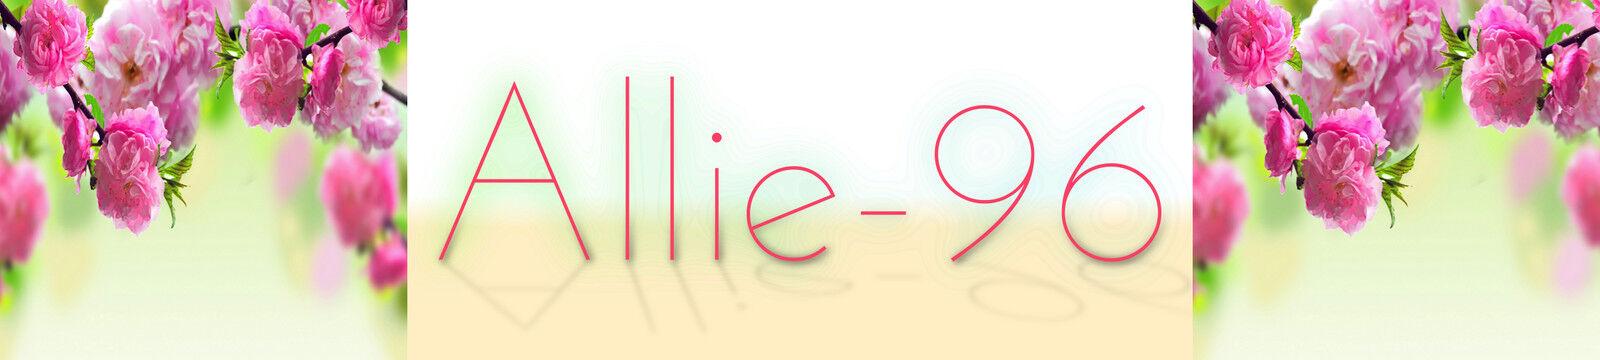 allie-96